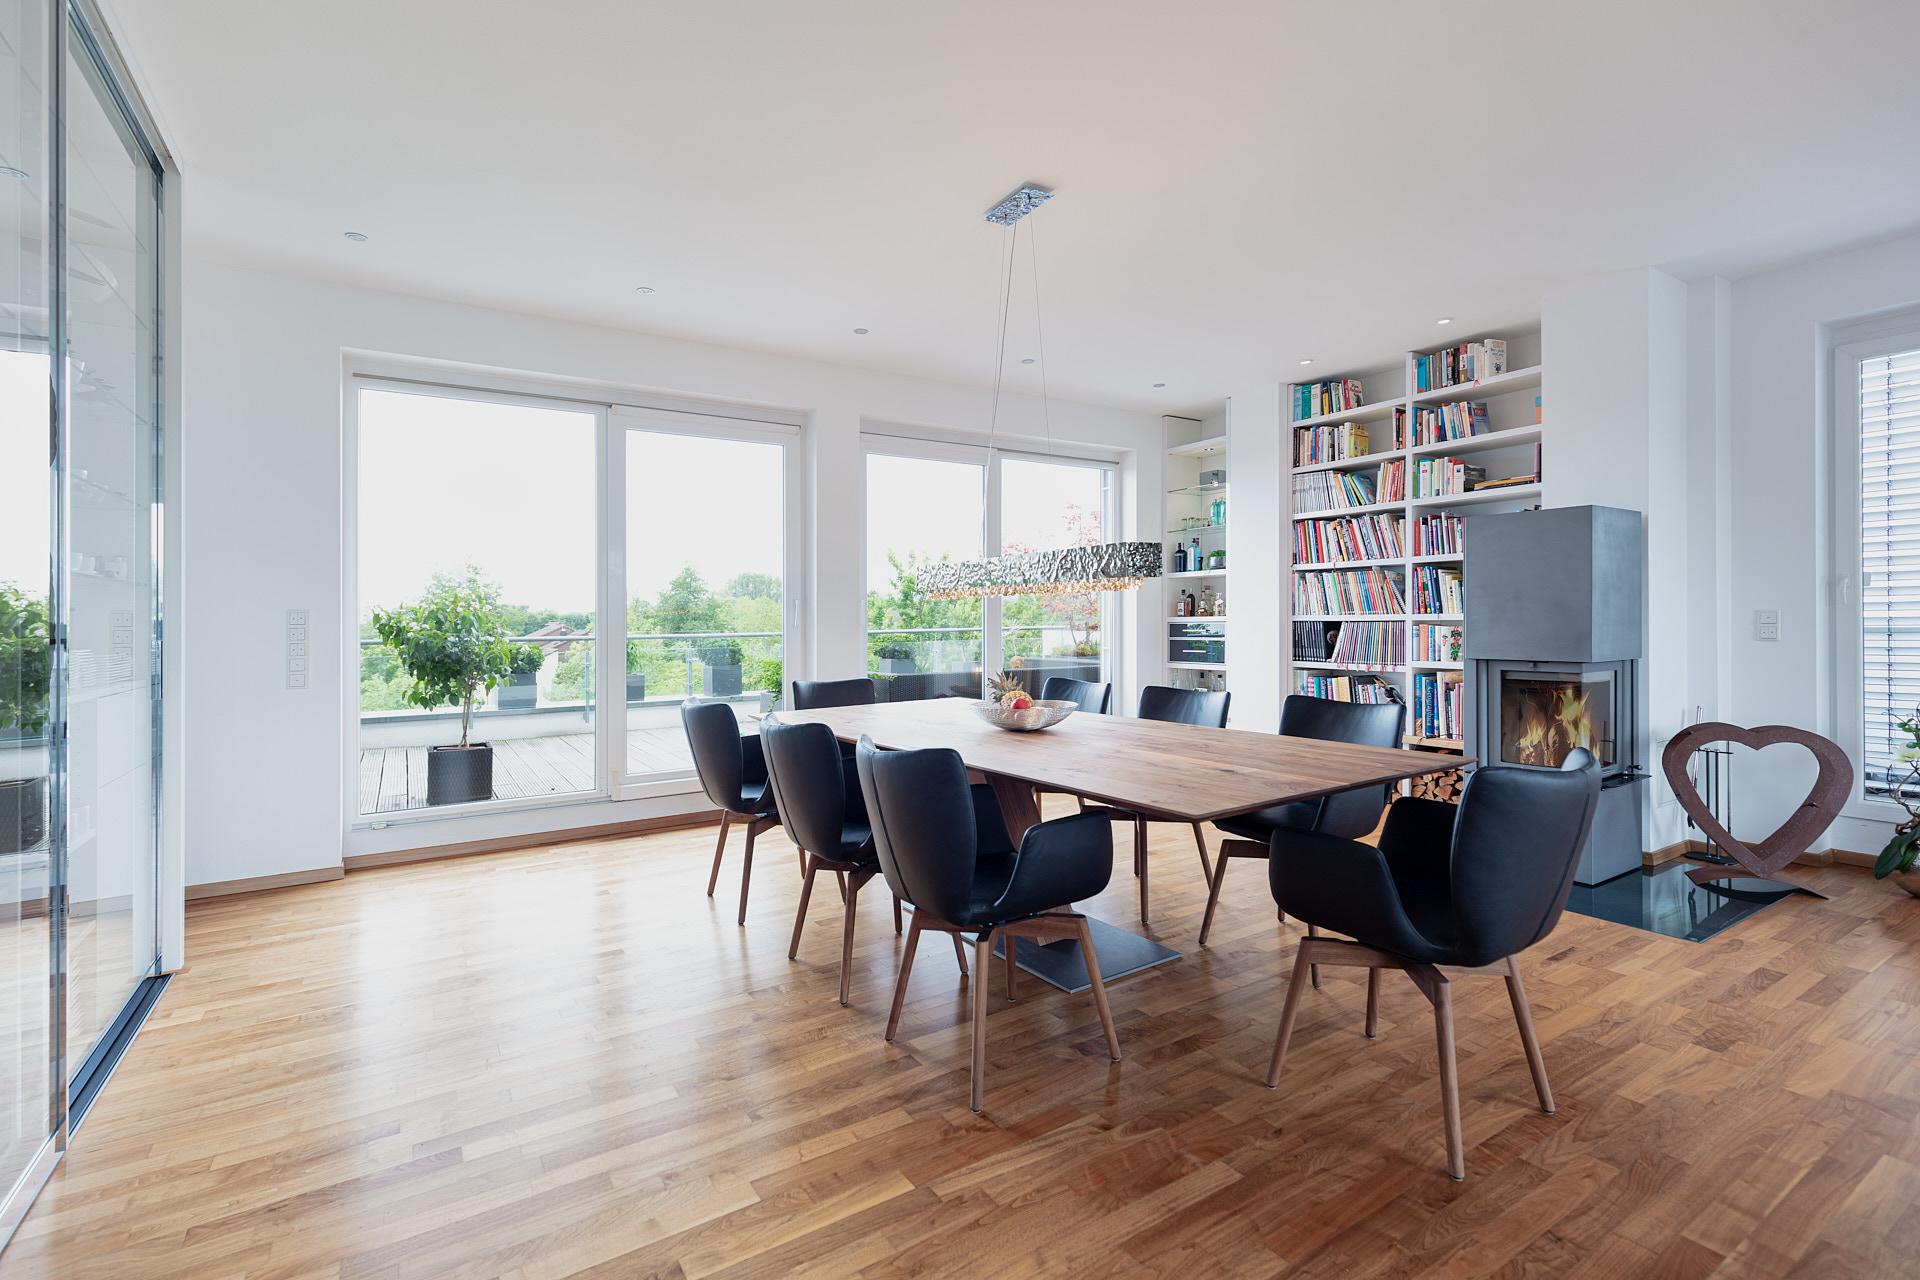 Großer Essbereich einer Penthouse Wohnung mit Kaminofen und Zugang zur großen Fachterrasse.